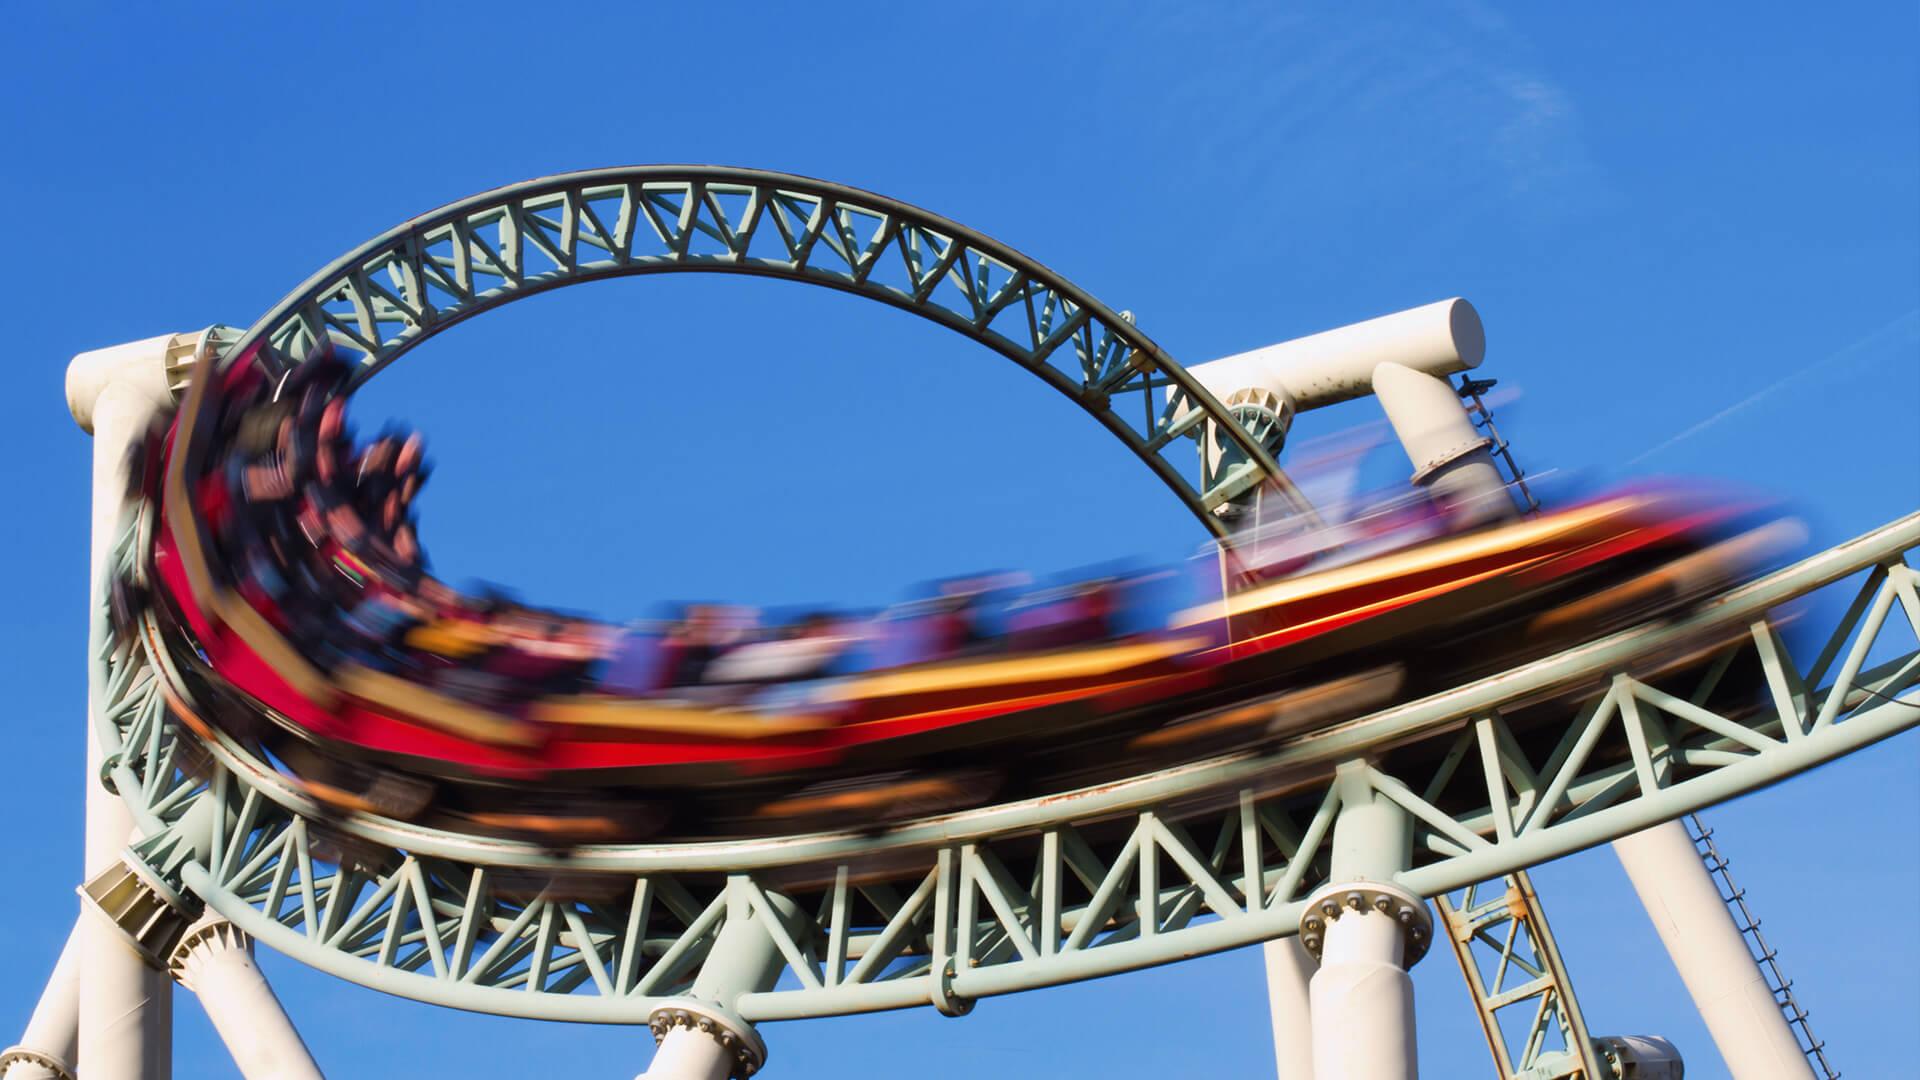 NRCMA Main Slide in Motion